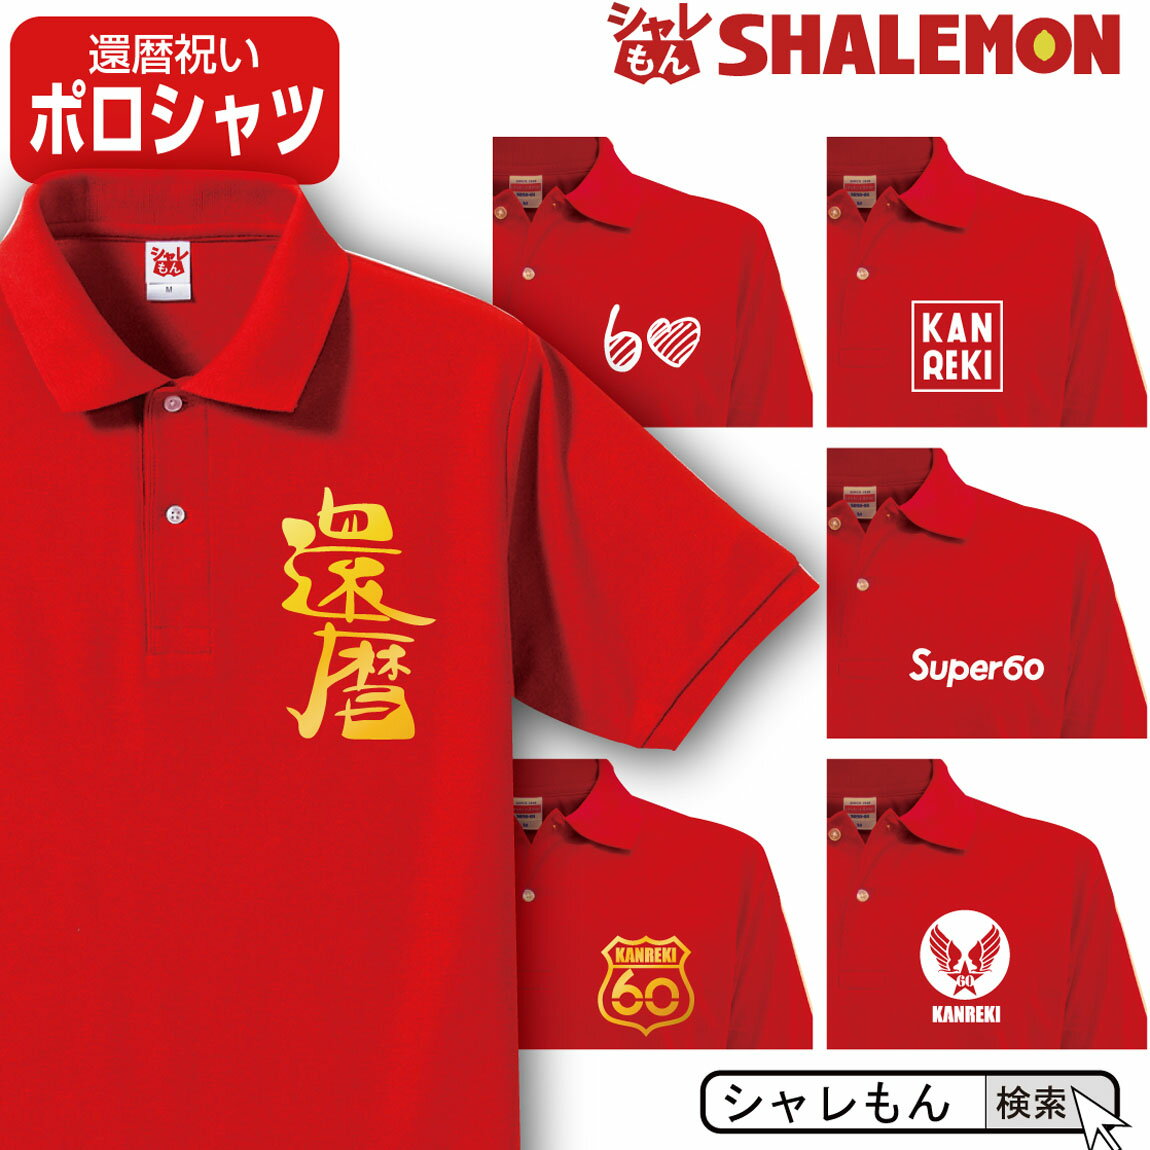 還暦祝い ポロシャツ 【選べる10種】還暦 赤い プレゼント tシャツ パンツ ちゃんちゃんこ の代わり 02P02Sep17